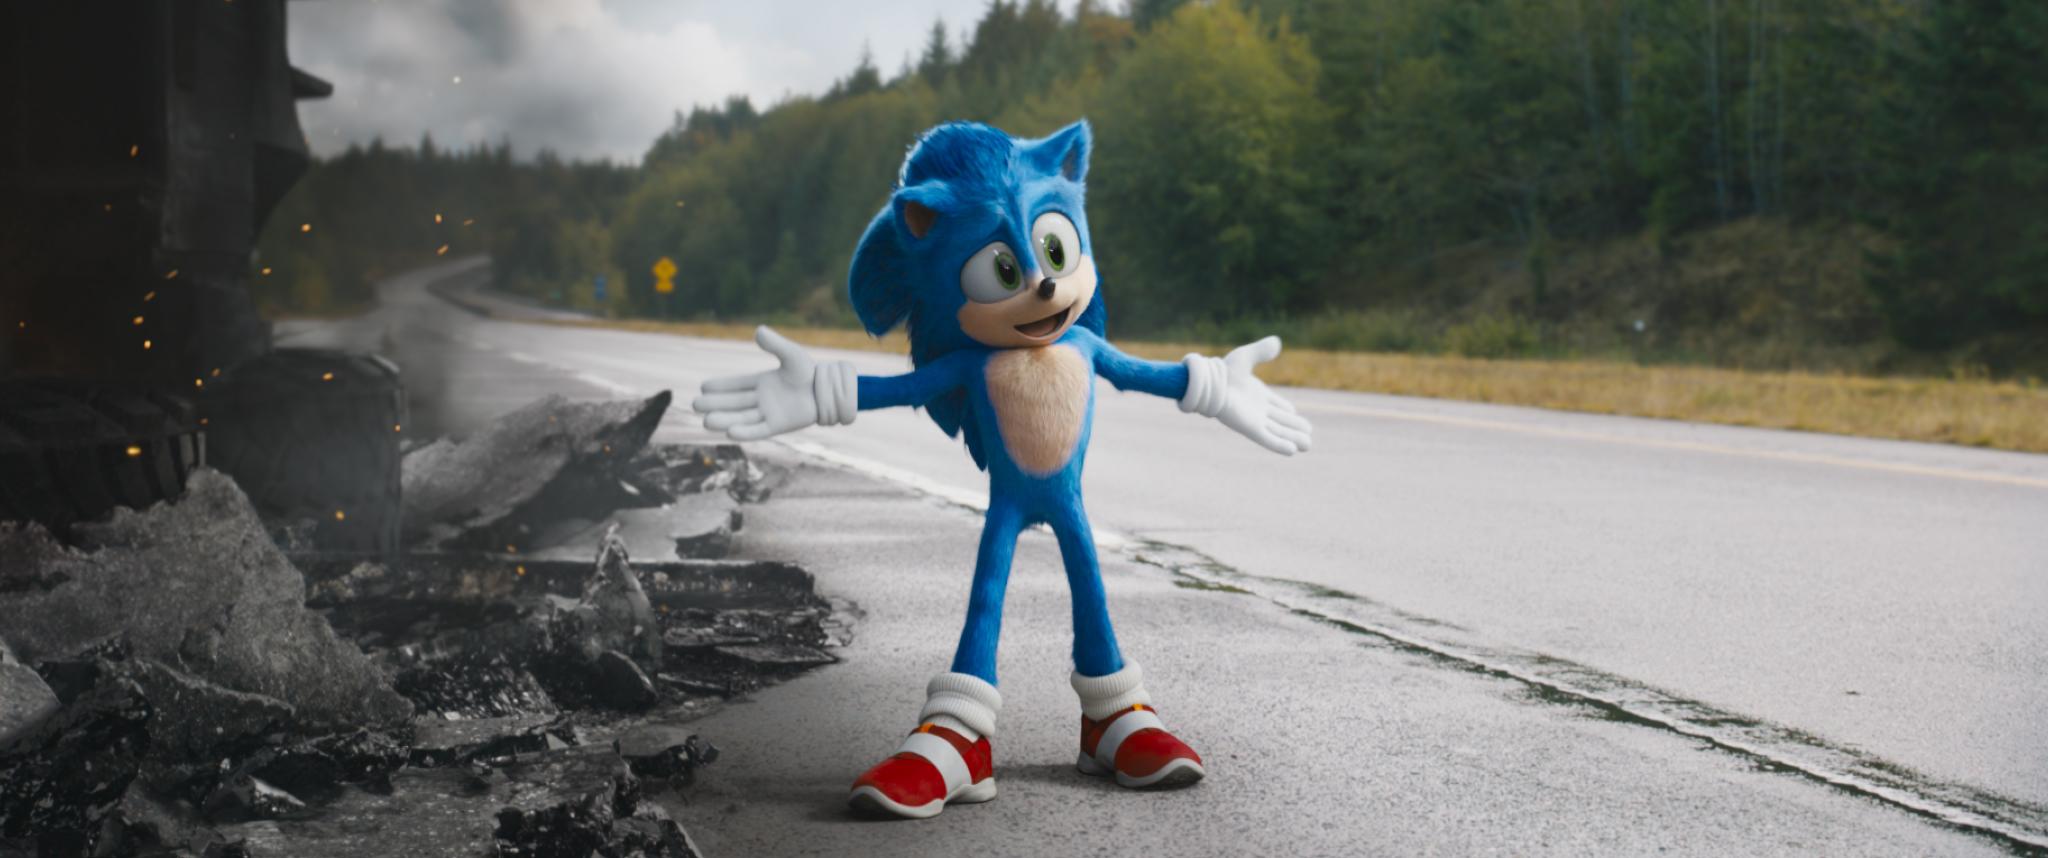 Sonic - Il Film è il miglior incasso all'esordio per un film tratto da un videogioco